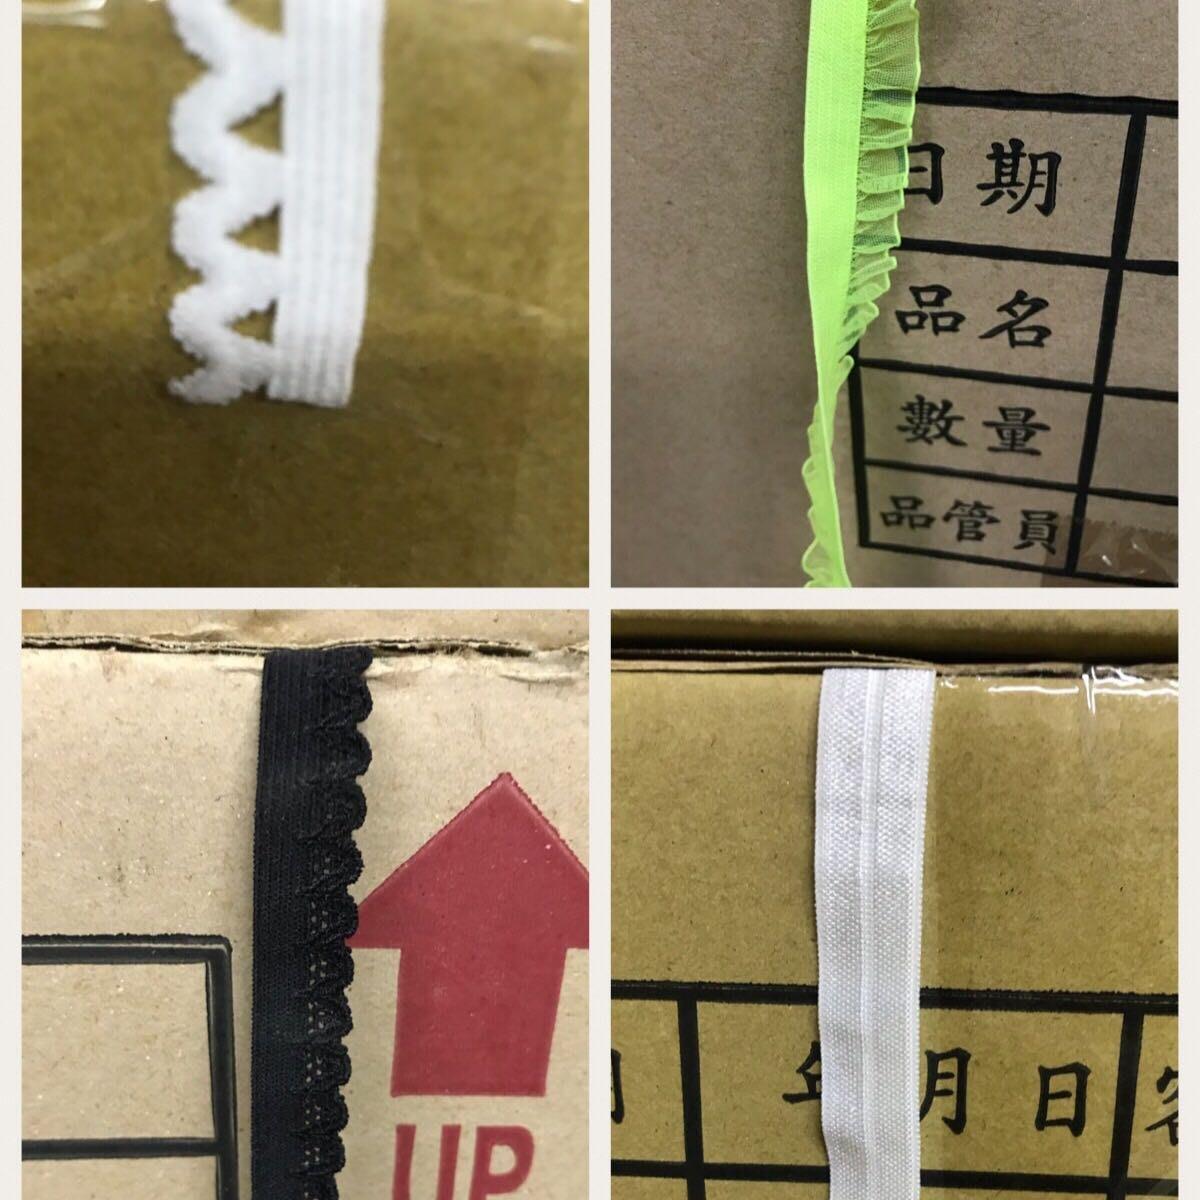 台灣製造 各類鬆緊帶 織帶 肩帶 批發 可接單歡迎詢問